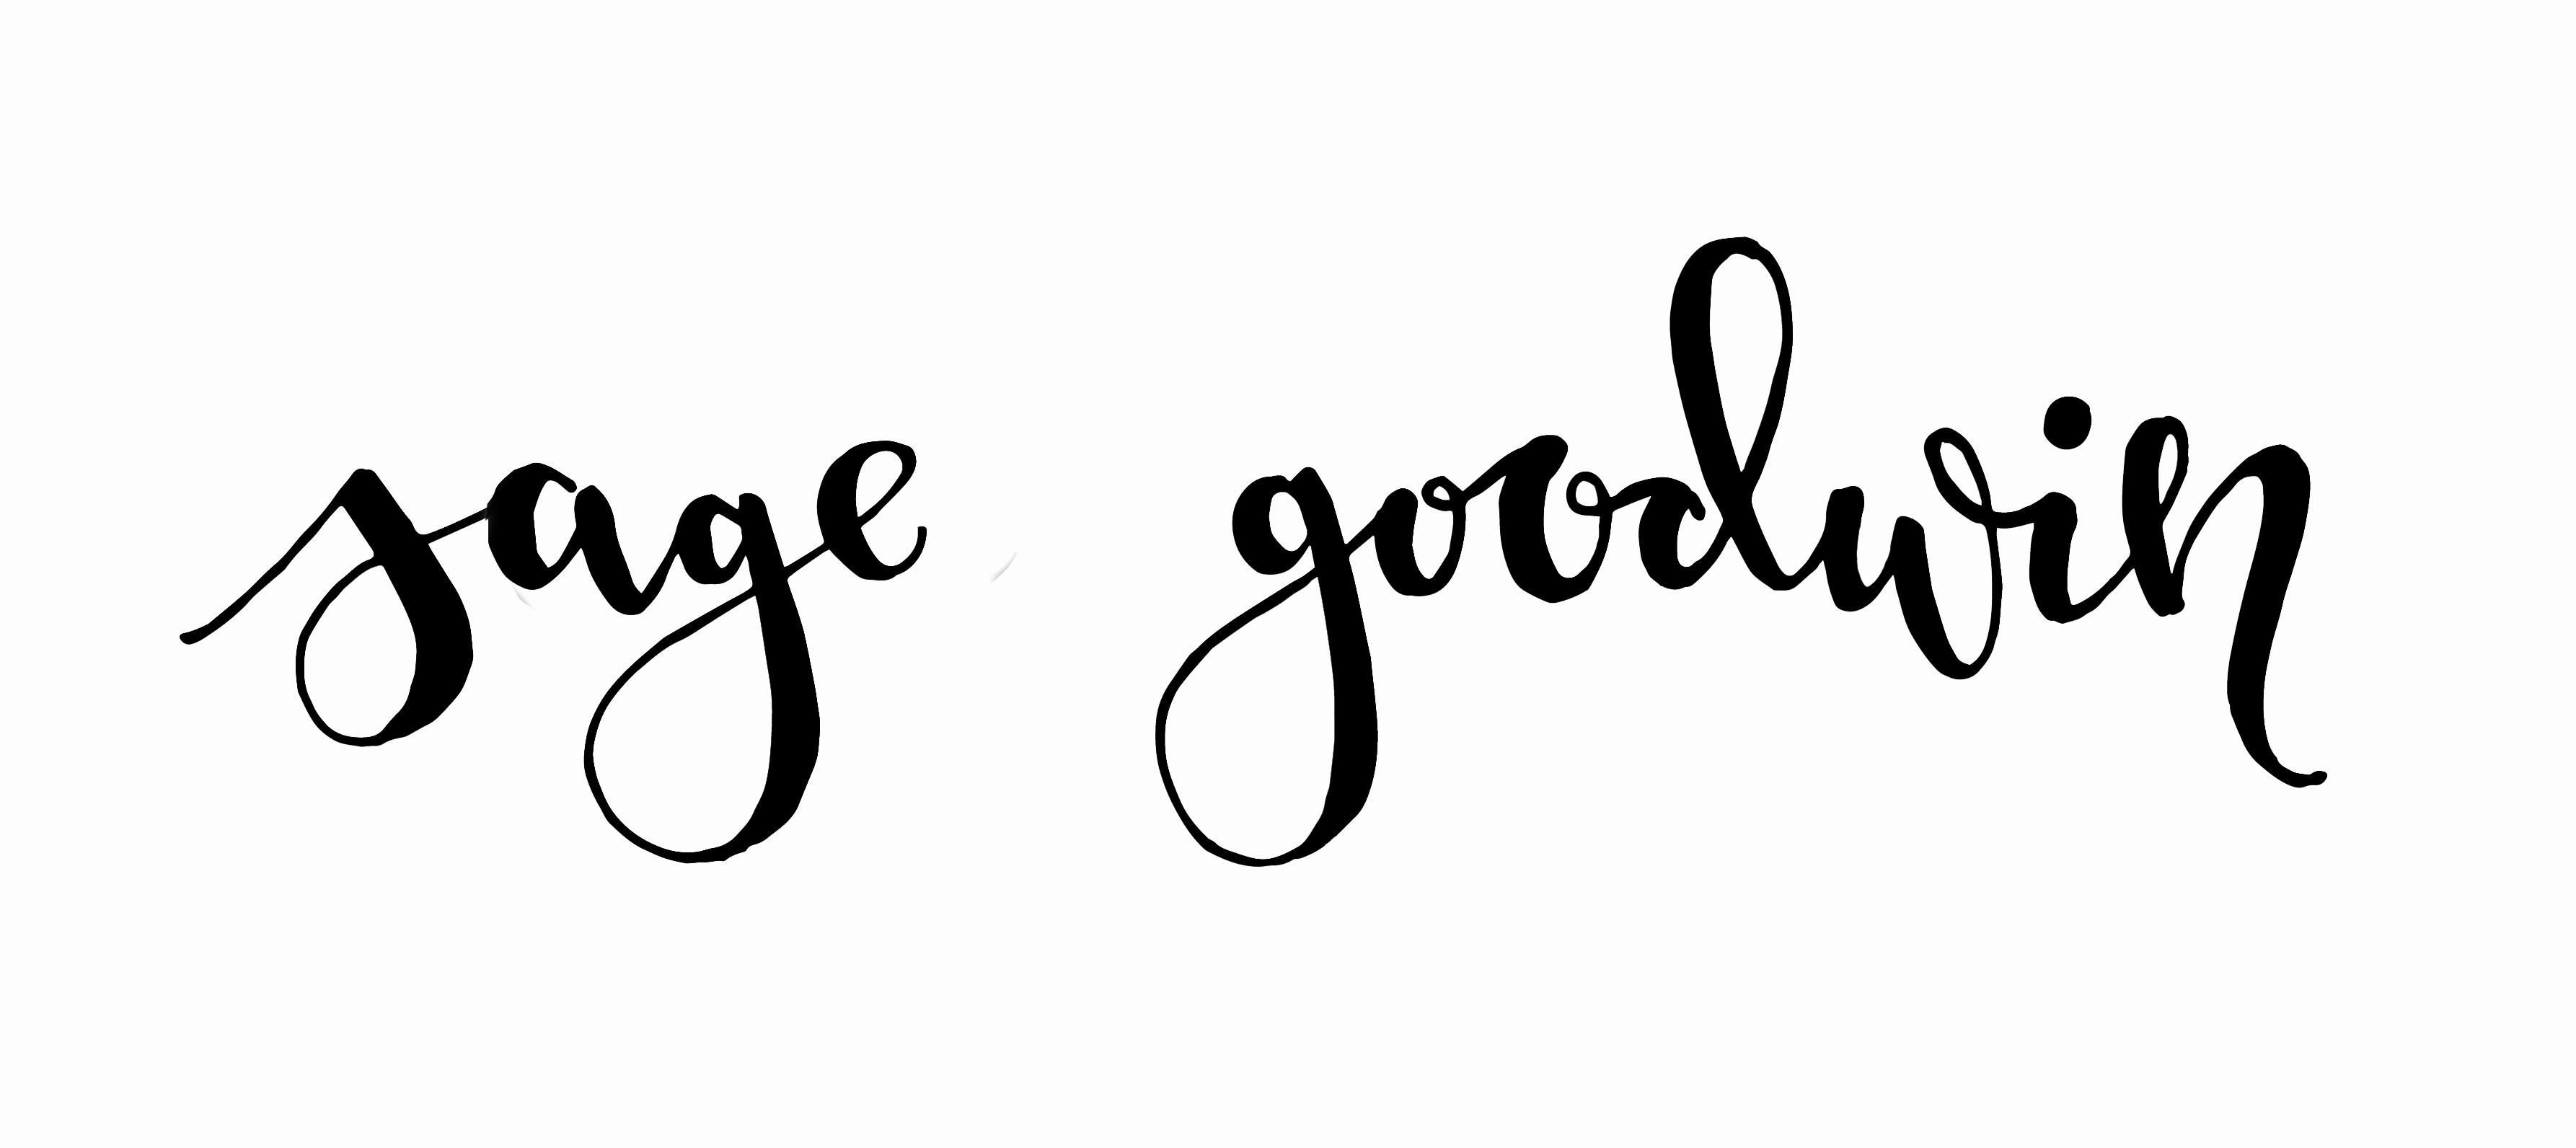 Sage Goodwin Signature